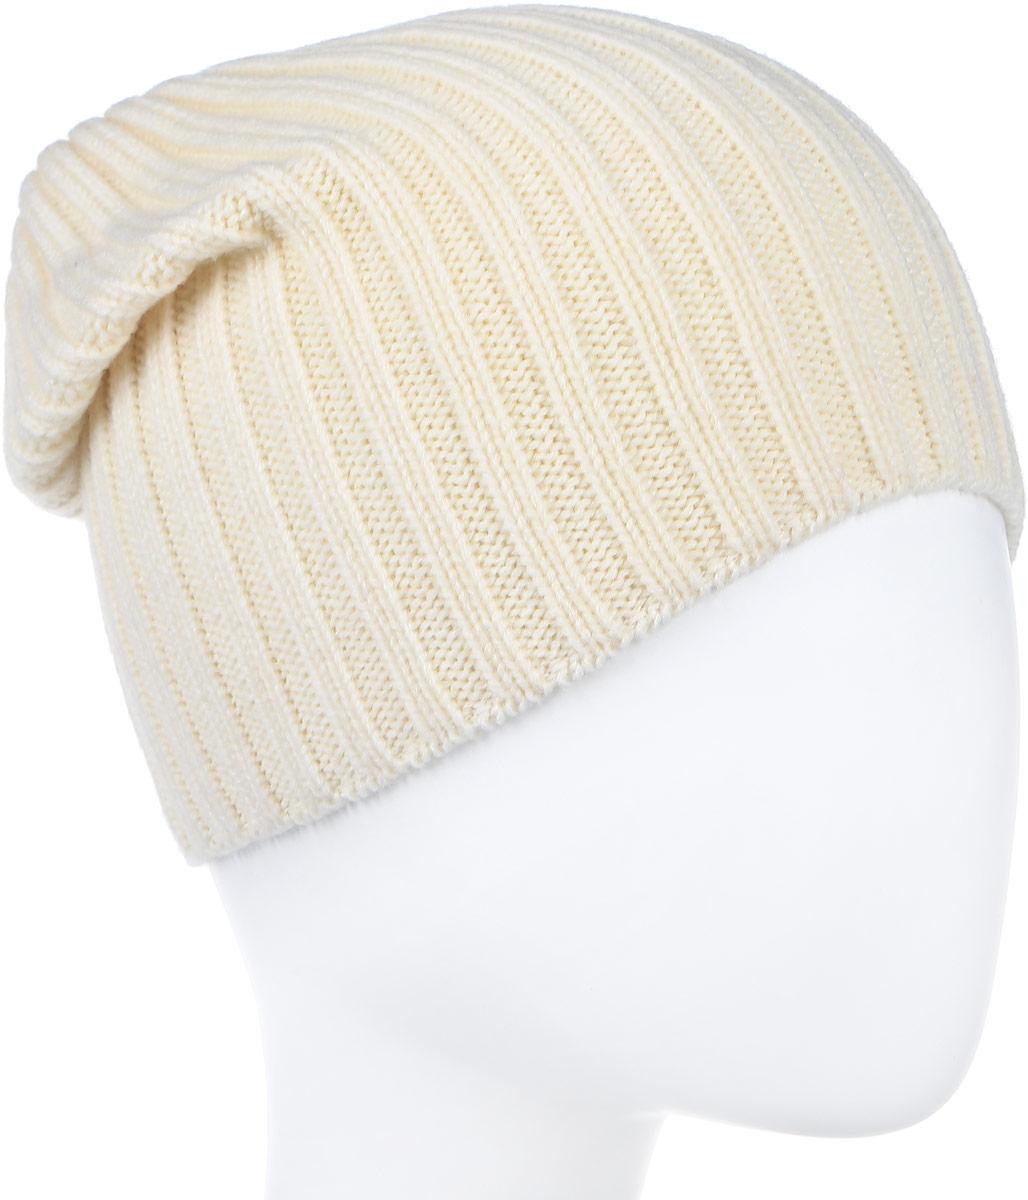 Шапка мужская Canoe Trango, цвет: белый. 3442080. Размер 56/593442080Стильная мужская шапка Canoe Trango отлично дополнит ваш образ в холодную погоду. Сочетание шерсти и акрила максимально сохраняет тепло и обеспечивает удобную посадку. Удлиненная шапка имеет специальную вязку ластиком. Такая модель комфортна и приятна на ощупь, она великолепно подчеркнет ваш вкус.Такая шапка станет отличным дополнением к вашему осеннему или зимнему гардеробу, в ней вам будет уютно и тепло!